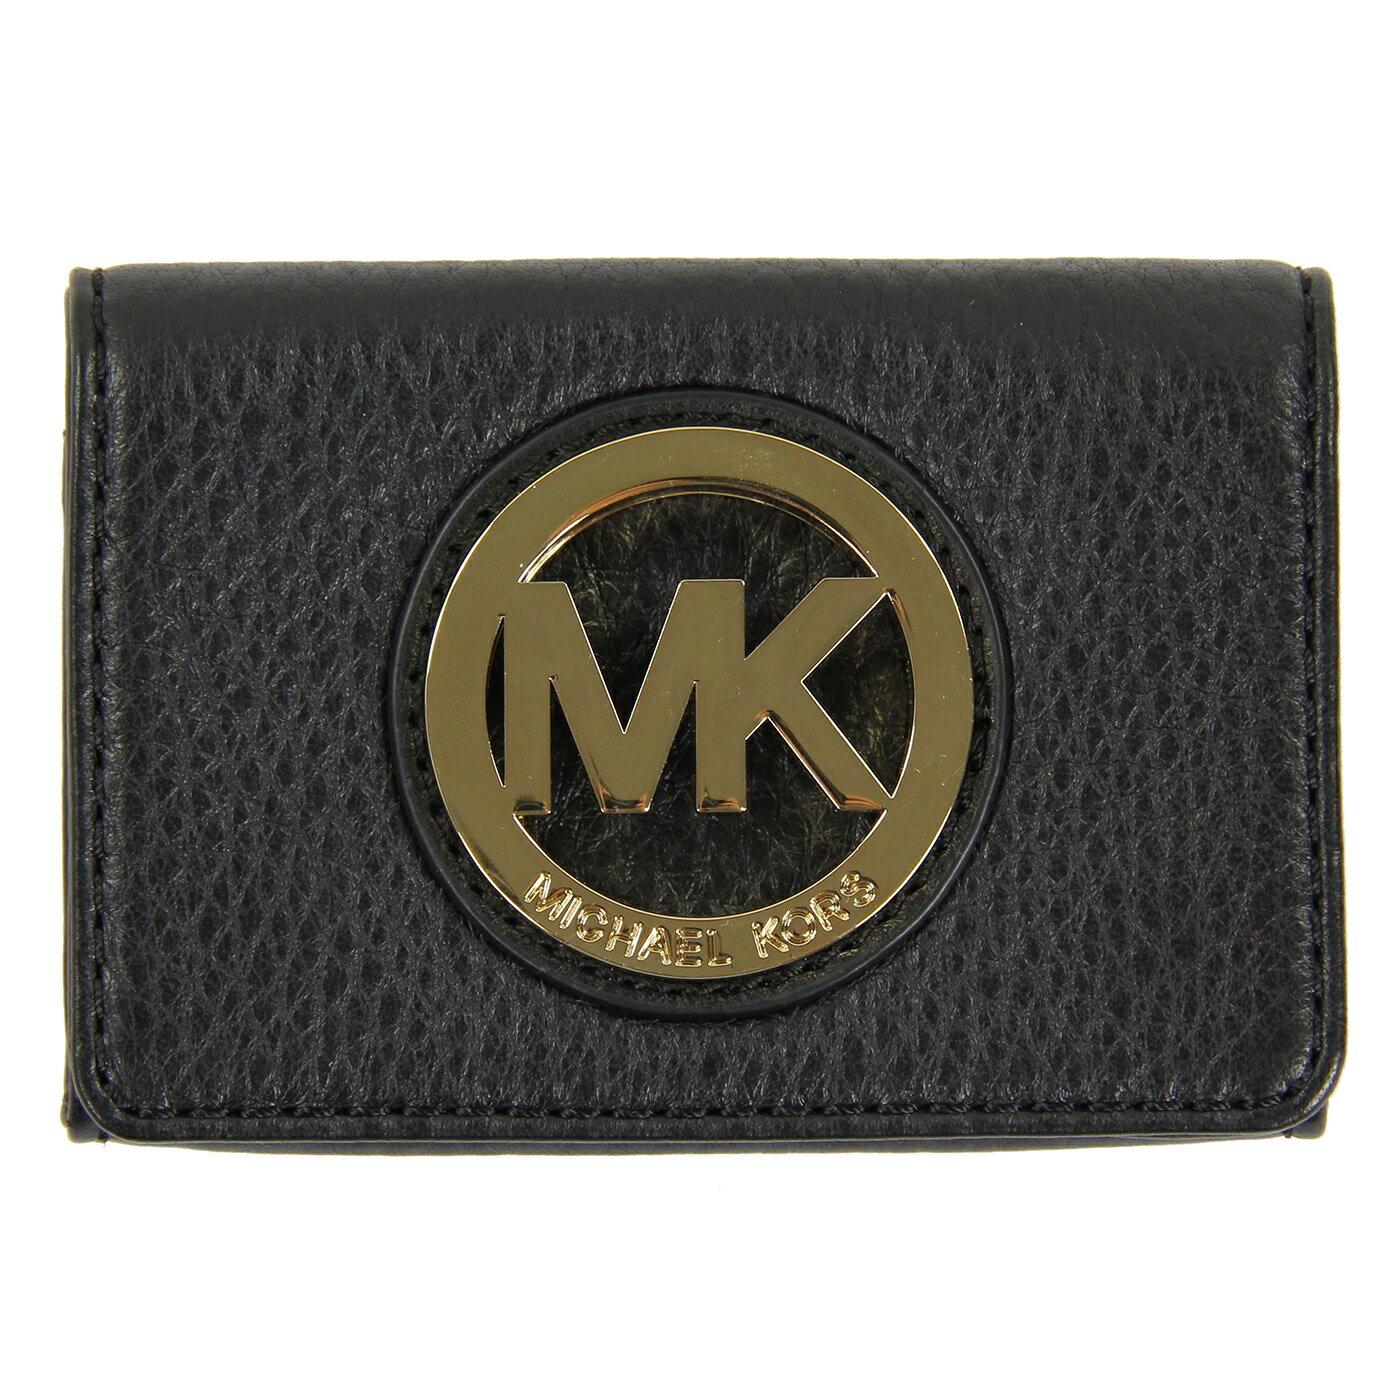 美國百分百【MICHAEL KORS 】MK 女包 皮包 皮質 小包 手提包 扁包 精品 皮夾 零錢包 黑色 E543